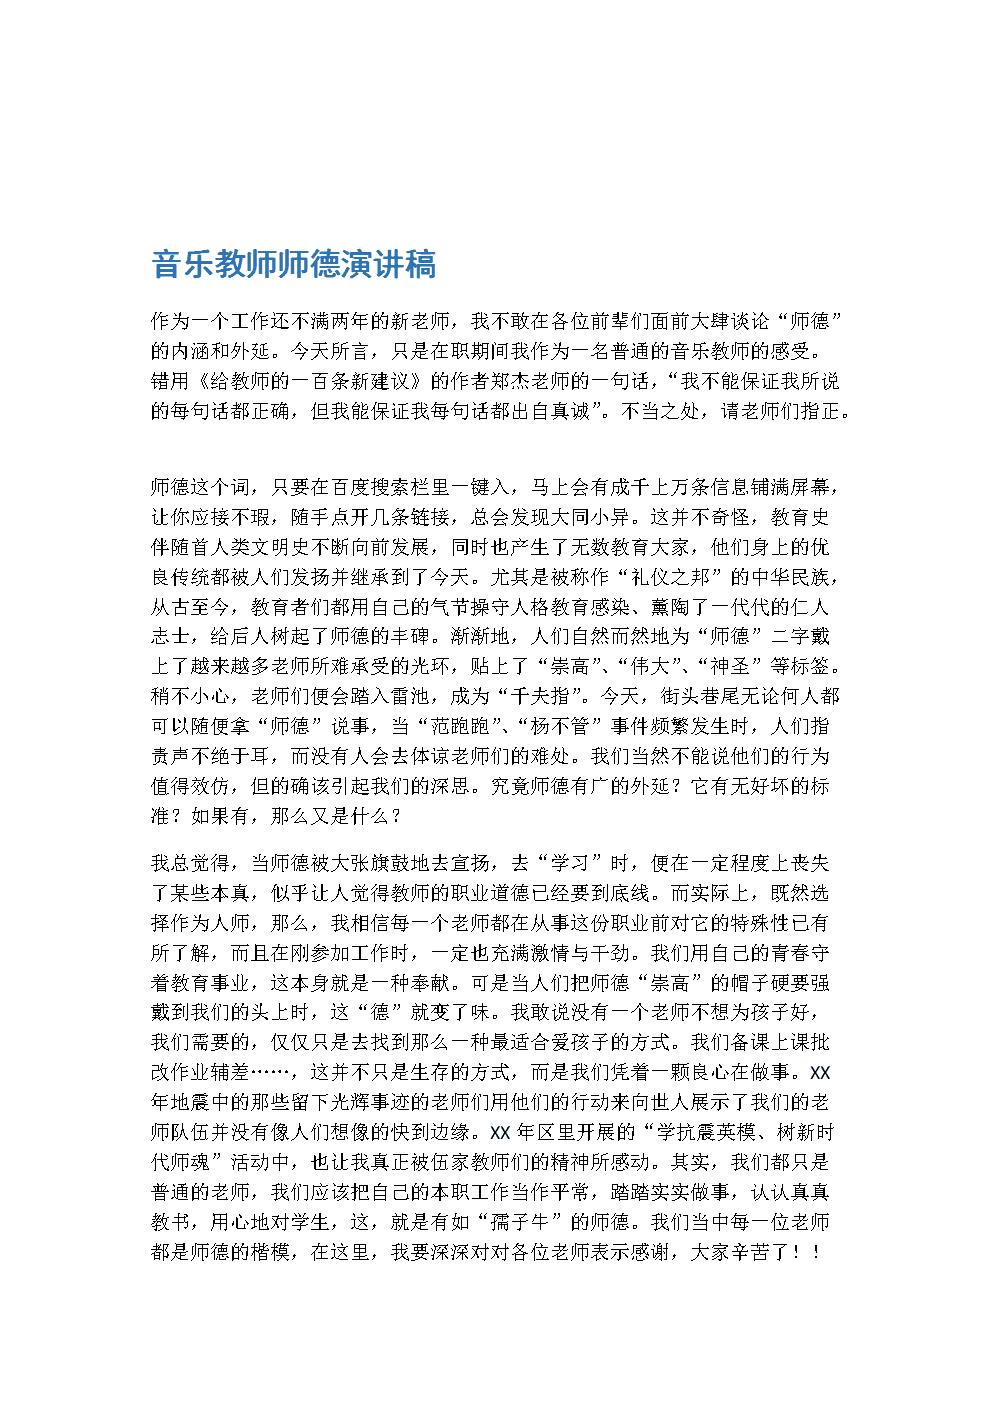 师德演讲稿音乐教师师德演讲稿 2篇.doc